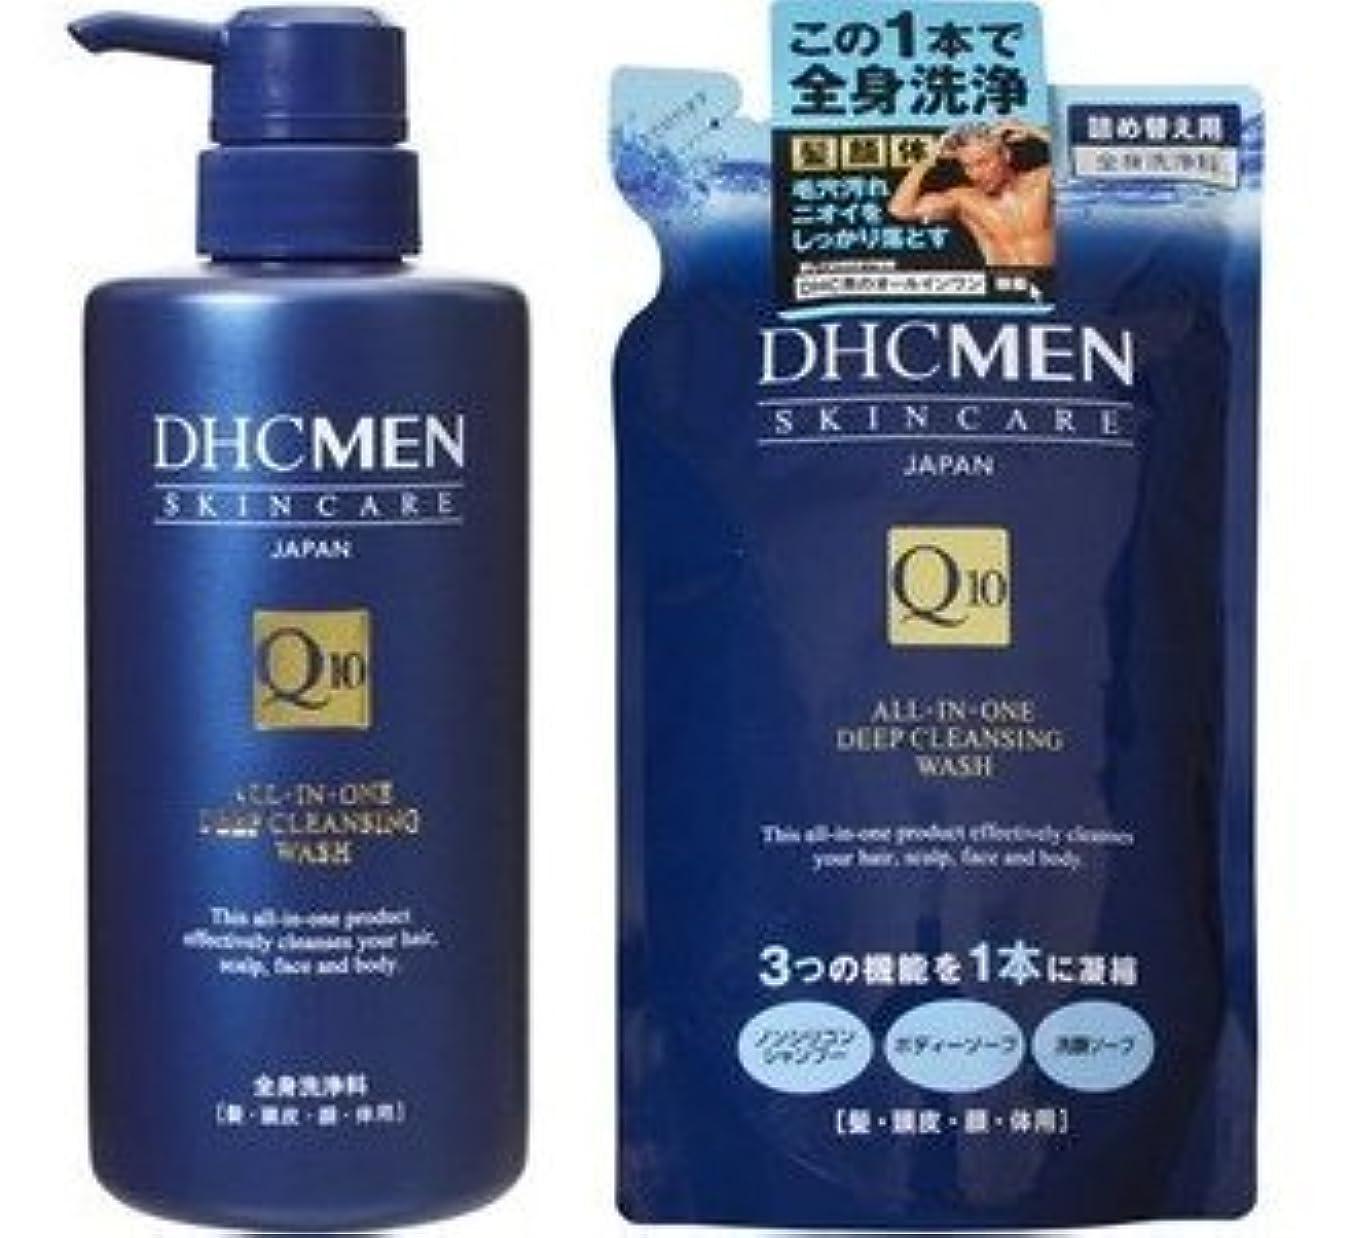 【詰め替えセット】DHC MEN(男性用) オールインワン ディープクレンジングウォッシュ 500ML(本体)+400ML(詰め替え用)